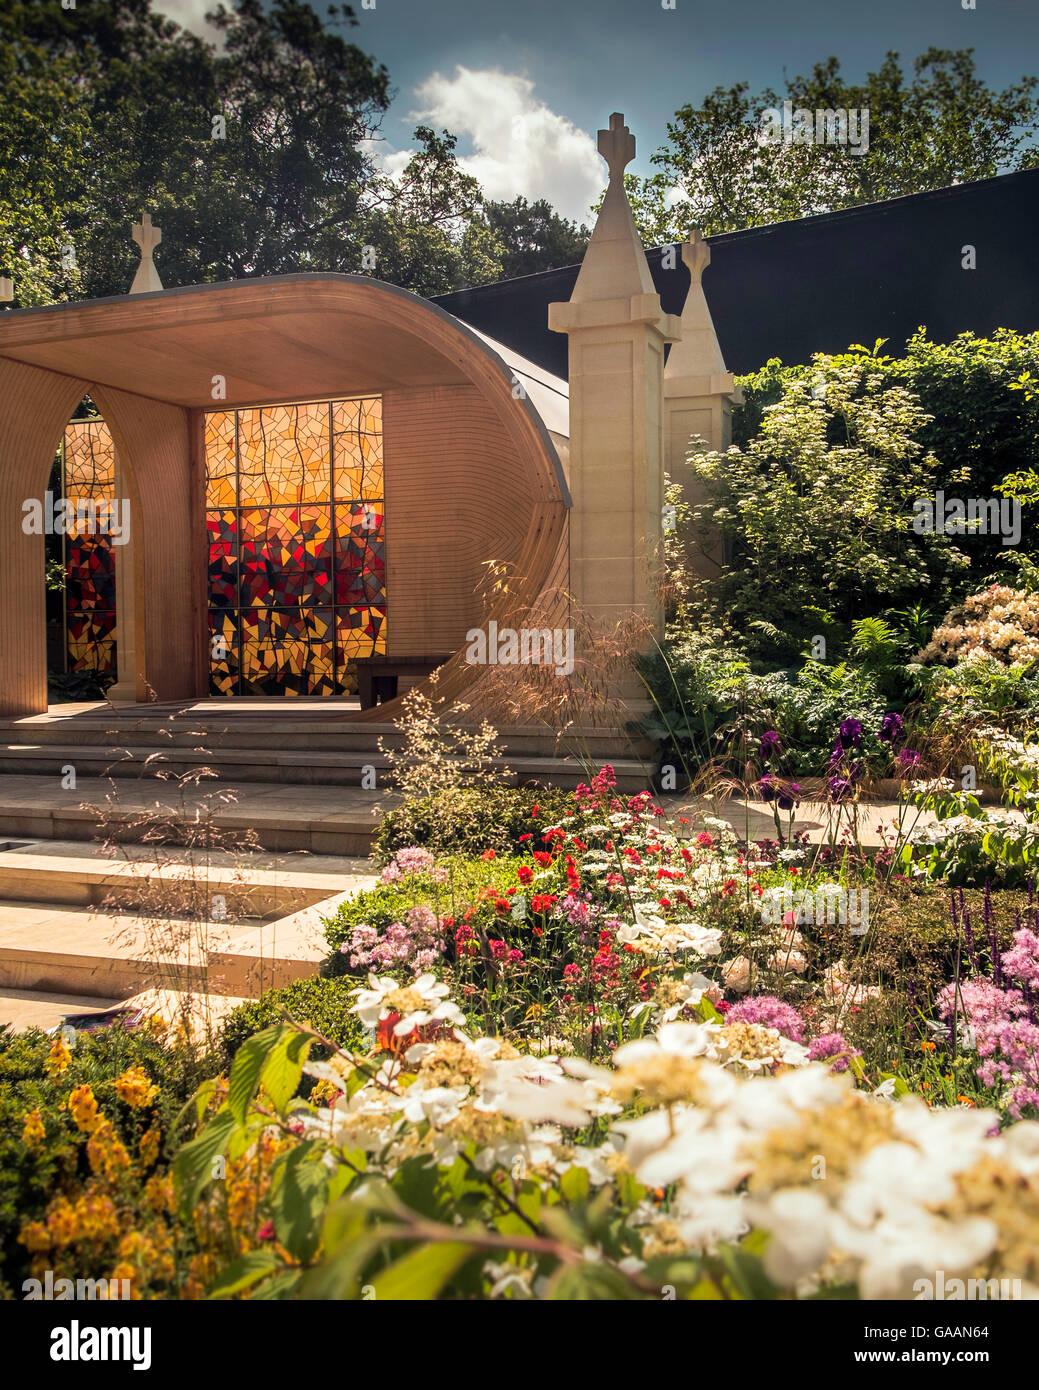 Wilson Garden Stock Photos & Wilson Garden Stock Images - Alamy